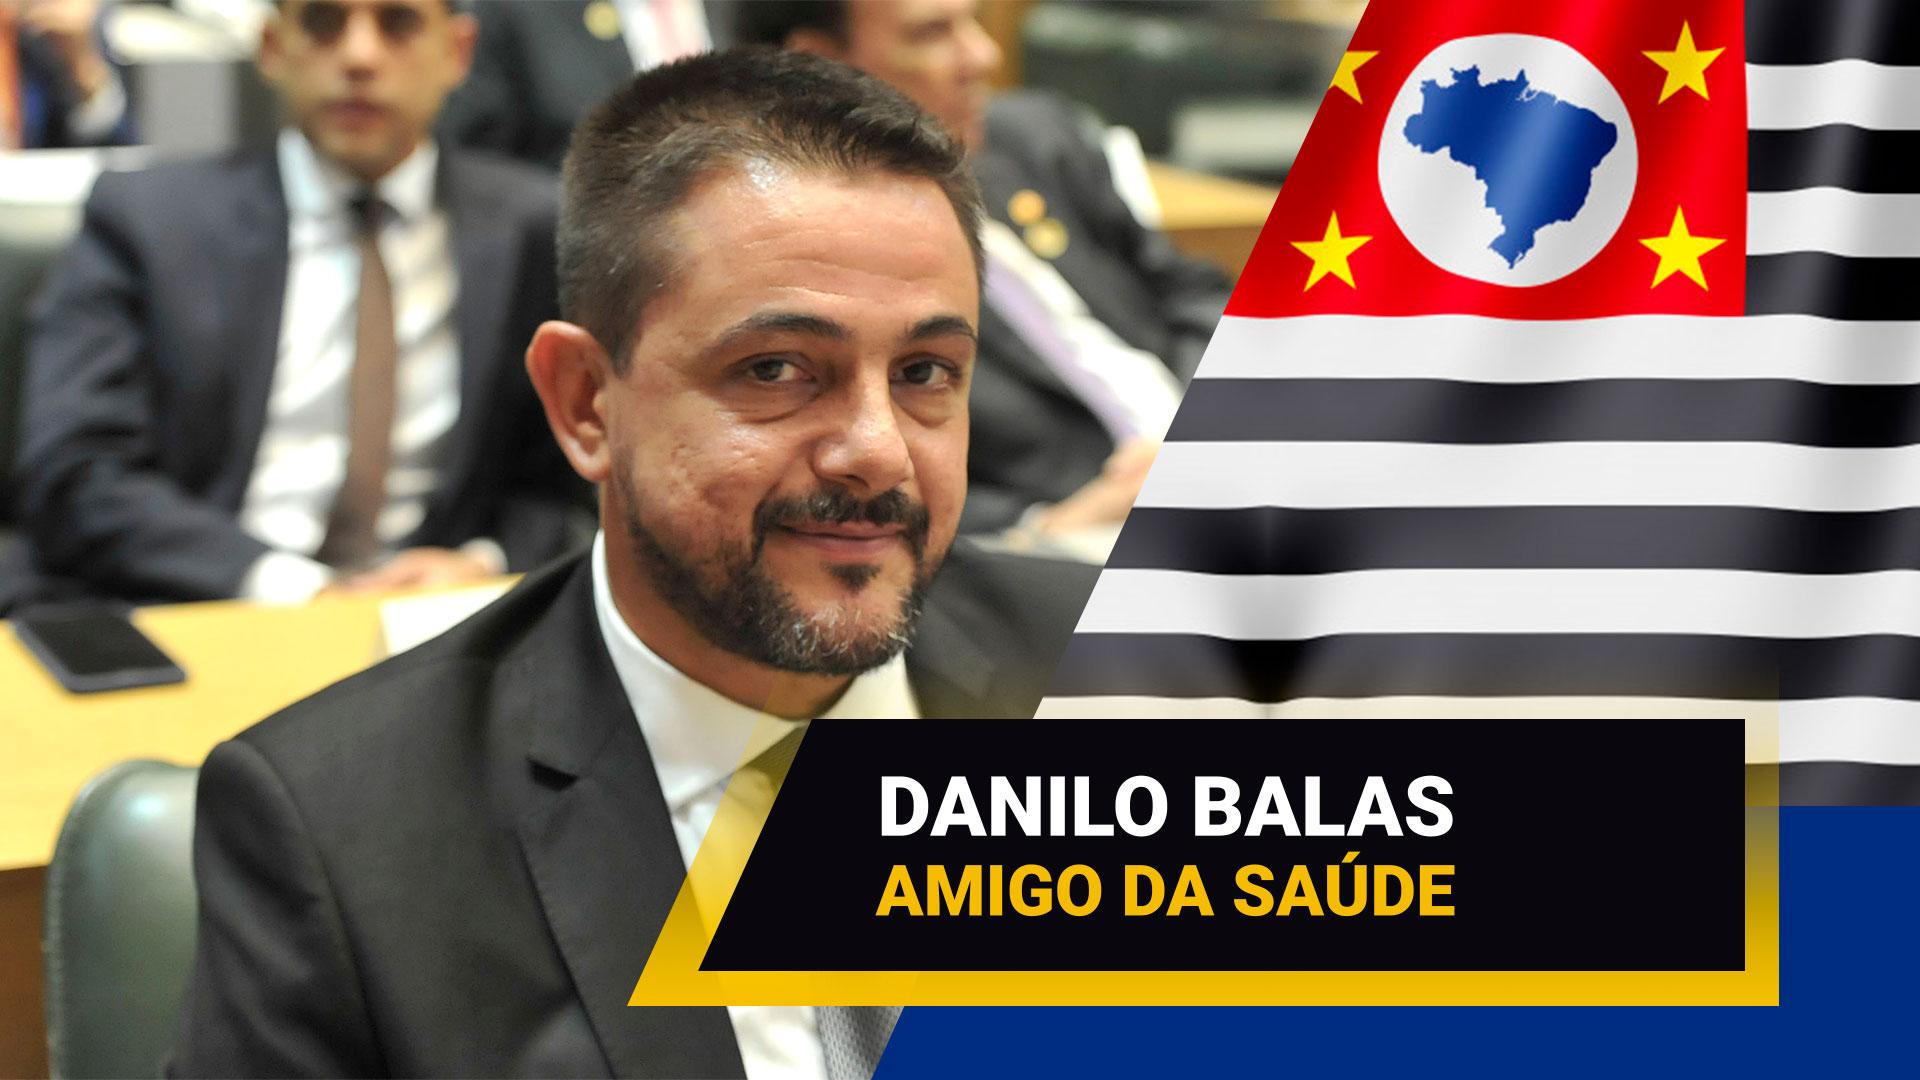 deputado-estadual-danilo-balas-e-amigo-da-saude - Acao Comunicativa